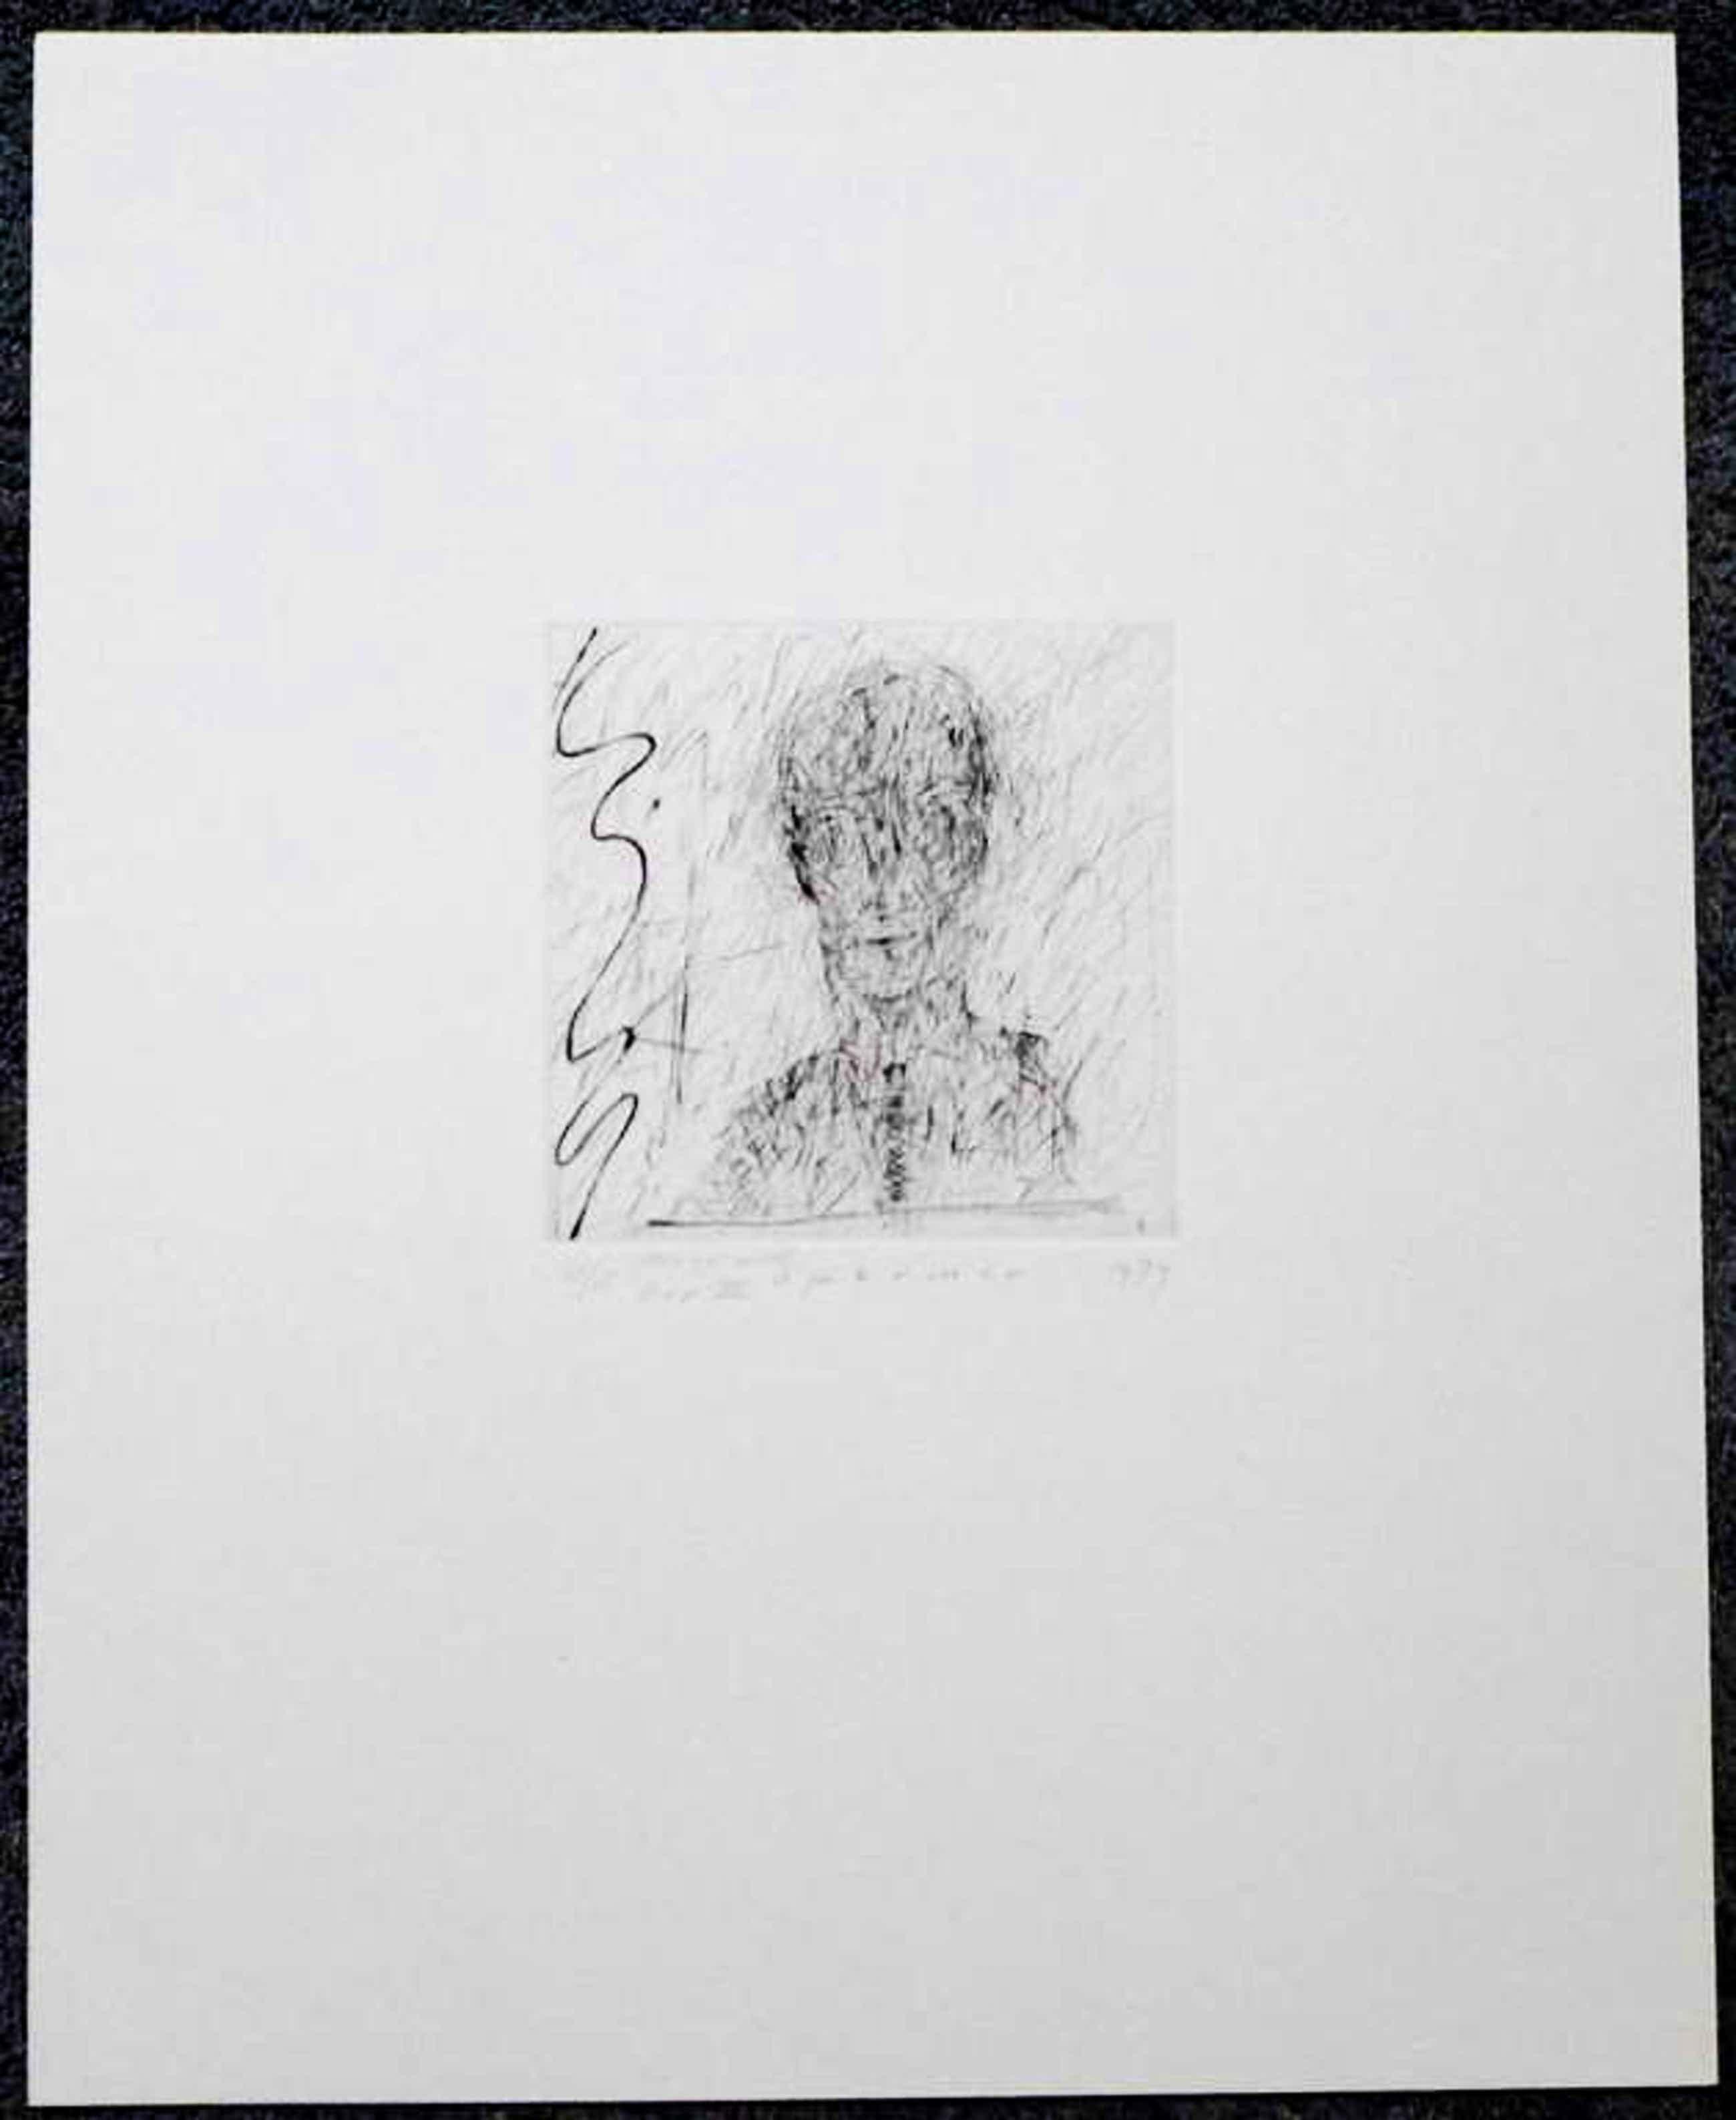 Kees Spermon - Kees Spermon, droge naald uit 1979 oplage 4/15 beeldformaat 14.5 x 14.7 cm. kopen? Bied vanaf 55!